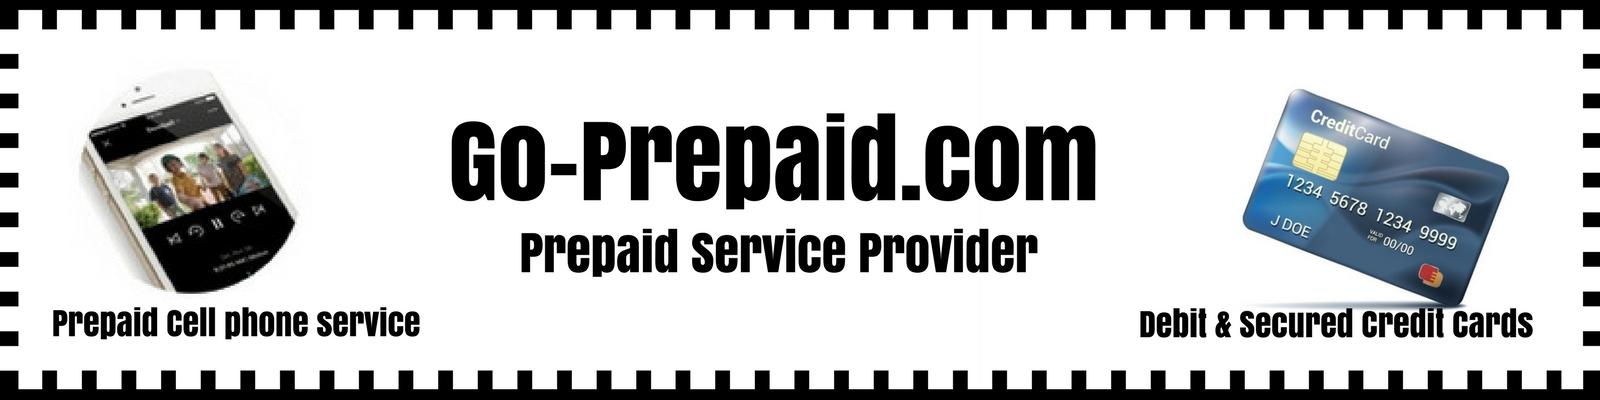 Go-Prepaid.com